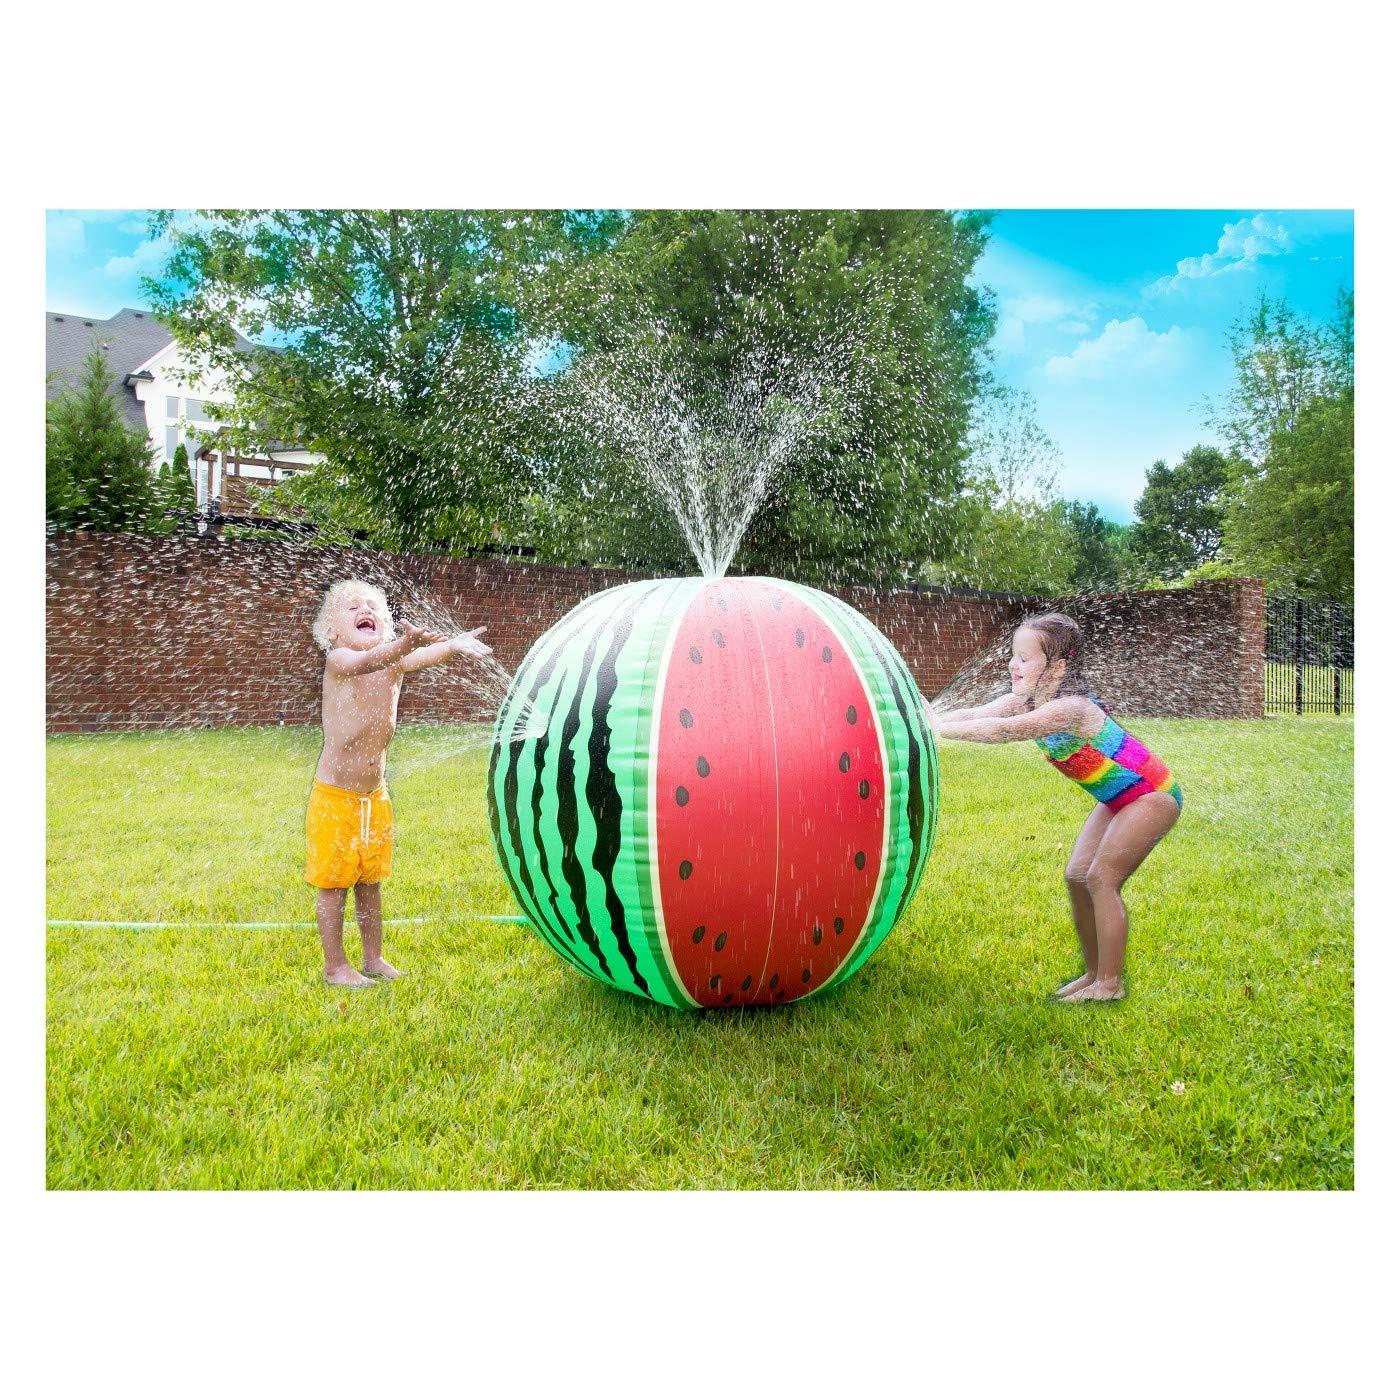 prime time toys Wet N' Wild Mega Melon Ball Jumbo Sprinkler